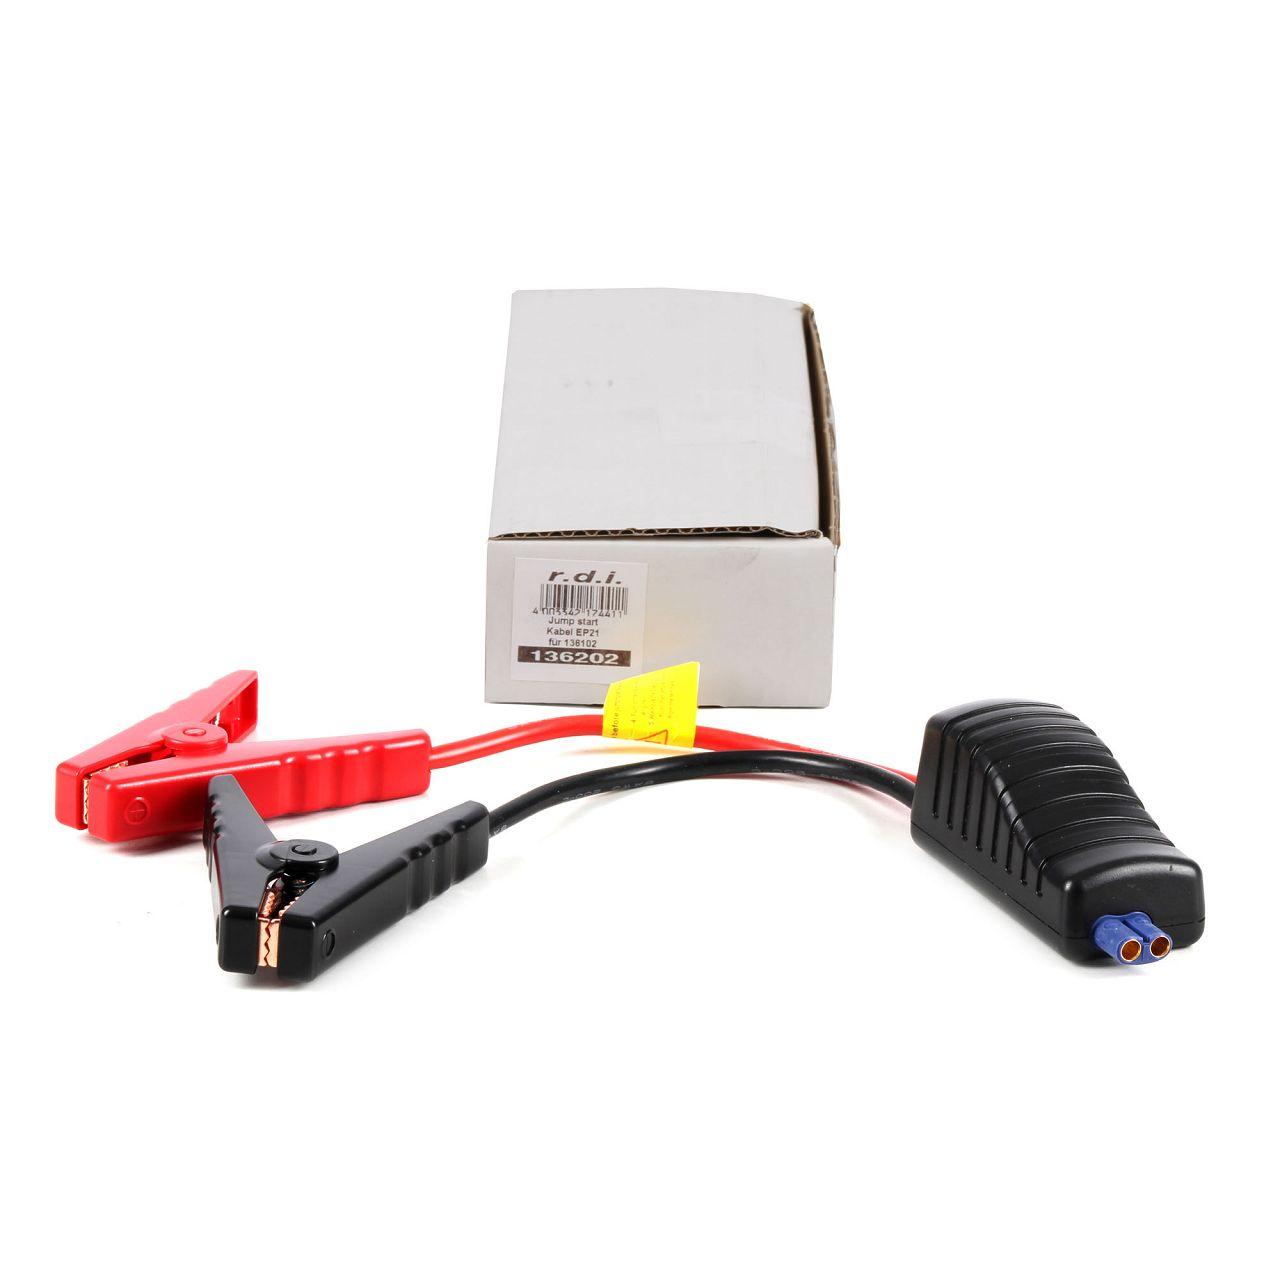 Dino KRAFTPAKET 136202 Ersatzkabel EP21 für 136102 Powerbank Startbooster